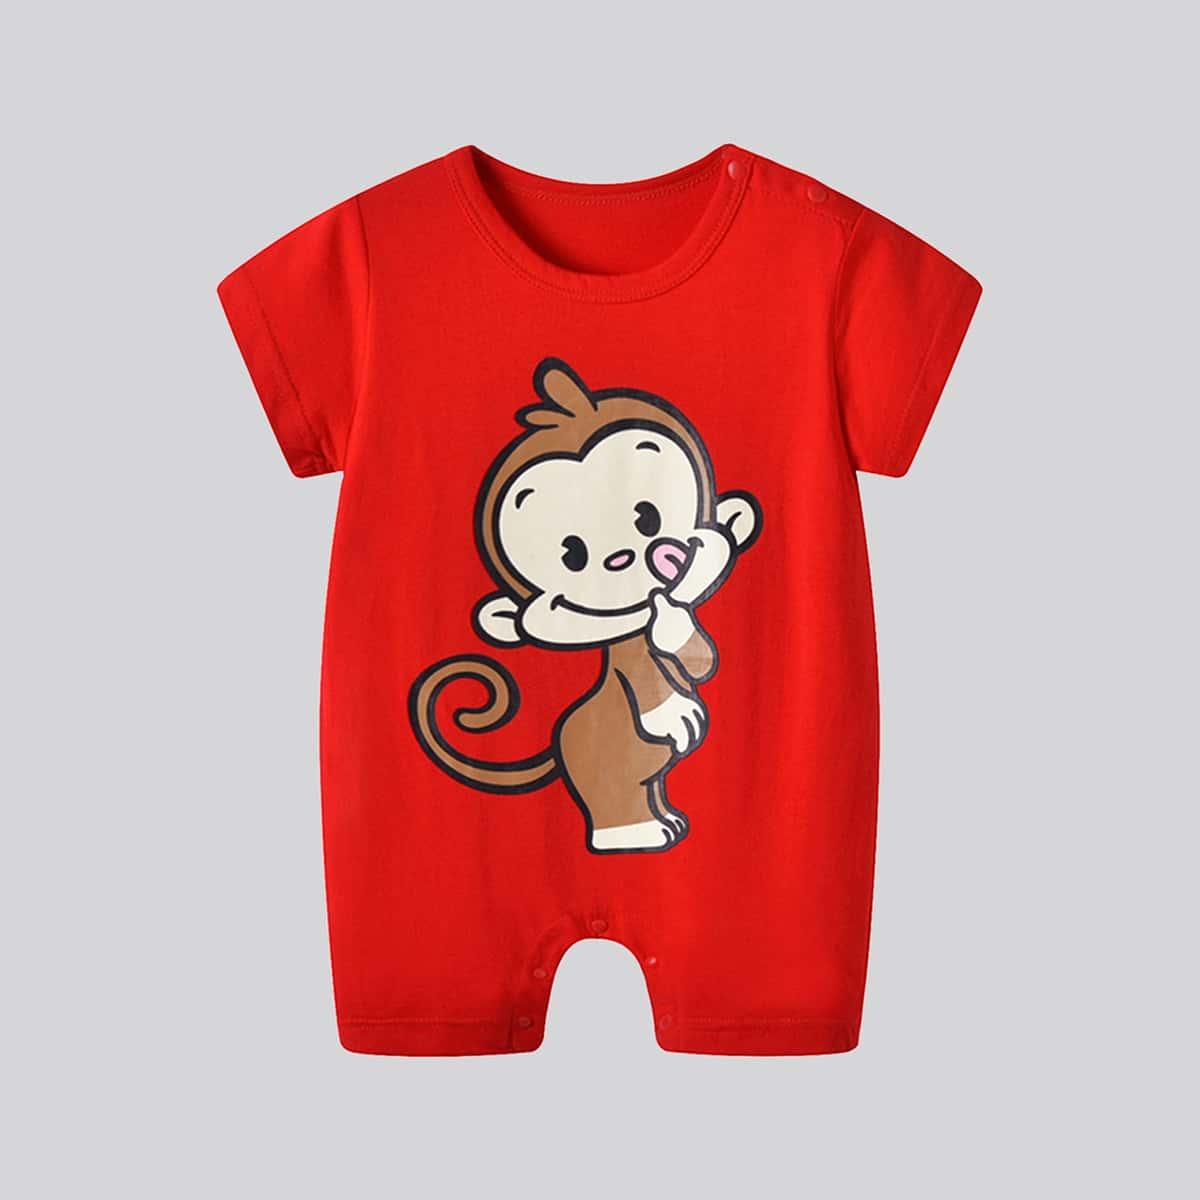 Комбинезон-футболка с принтом обезьяны для мальчиков от SHEIN